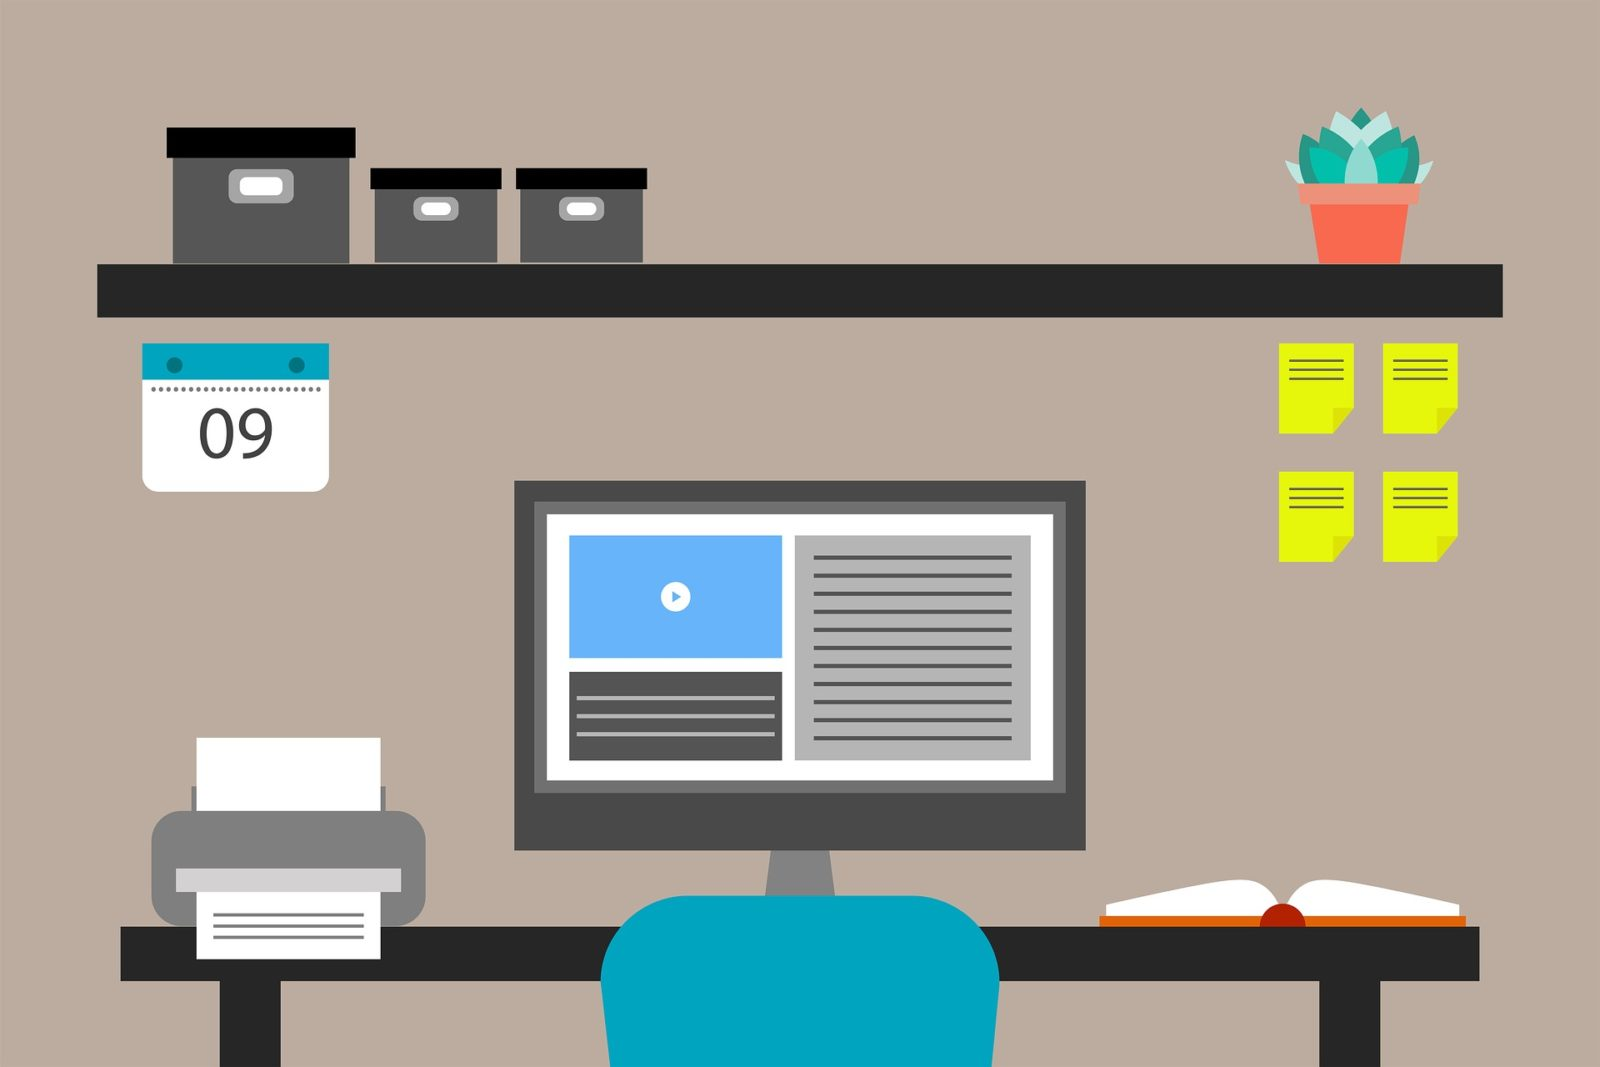 Temel Web Tasarım İlkeleri Nelerdir?